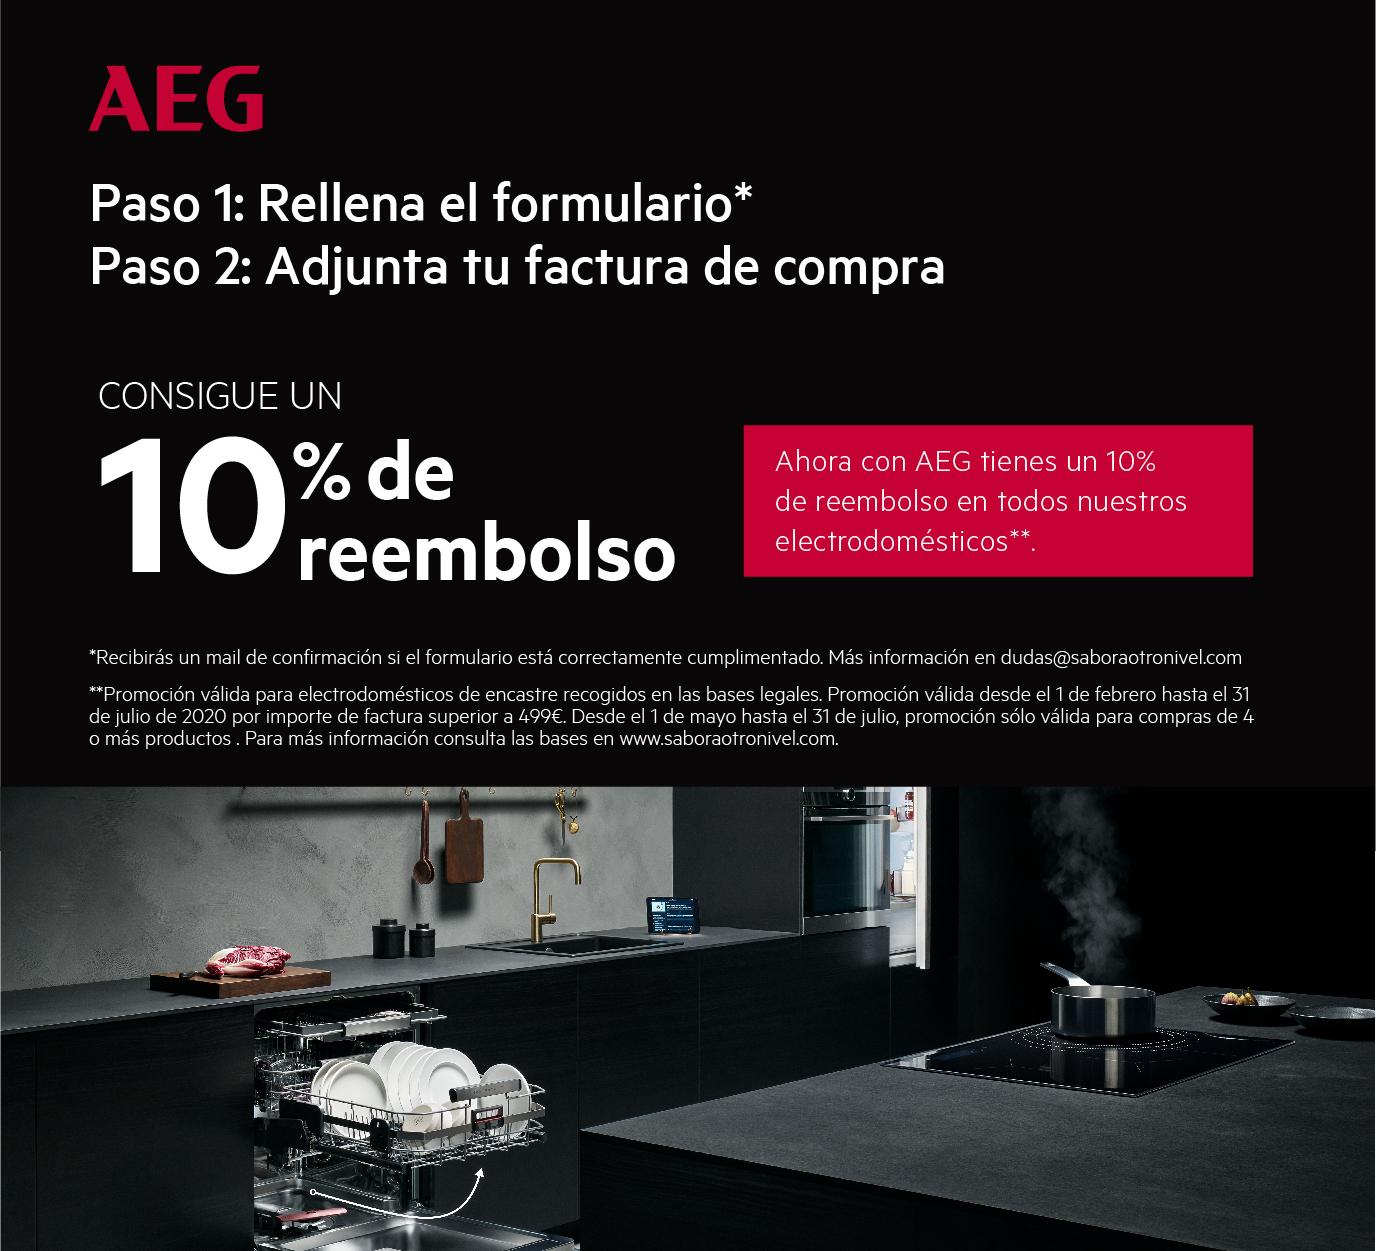 Compra uno de los modelos de la gama encastre de AEG que entran en promoción, podrás llevarte un Reembolso del 10% de tu compra